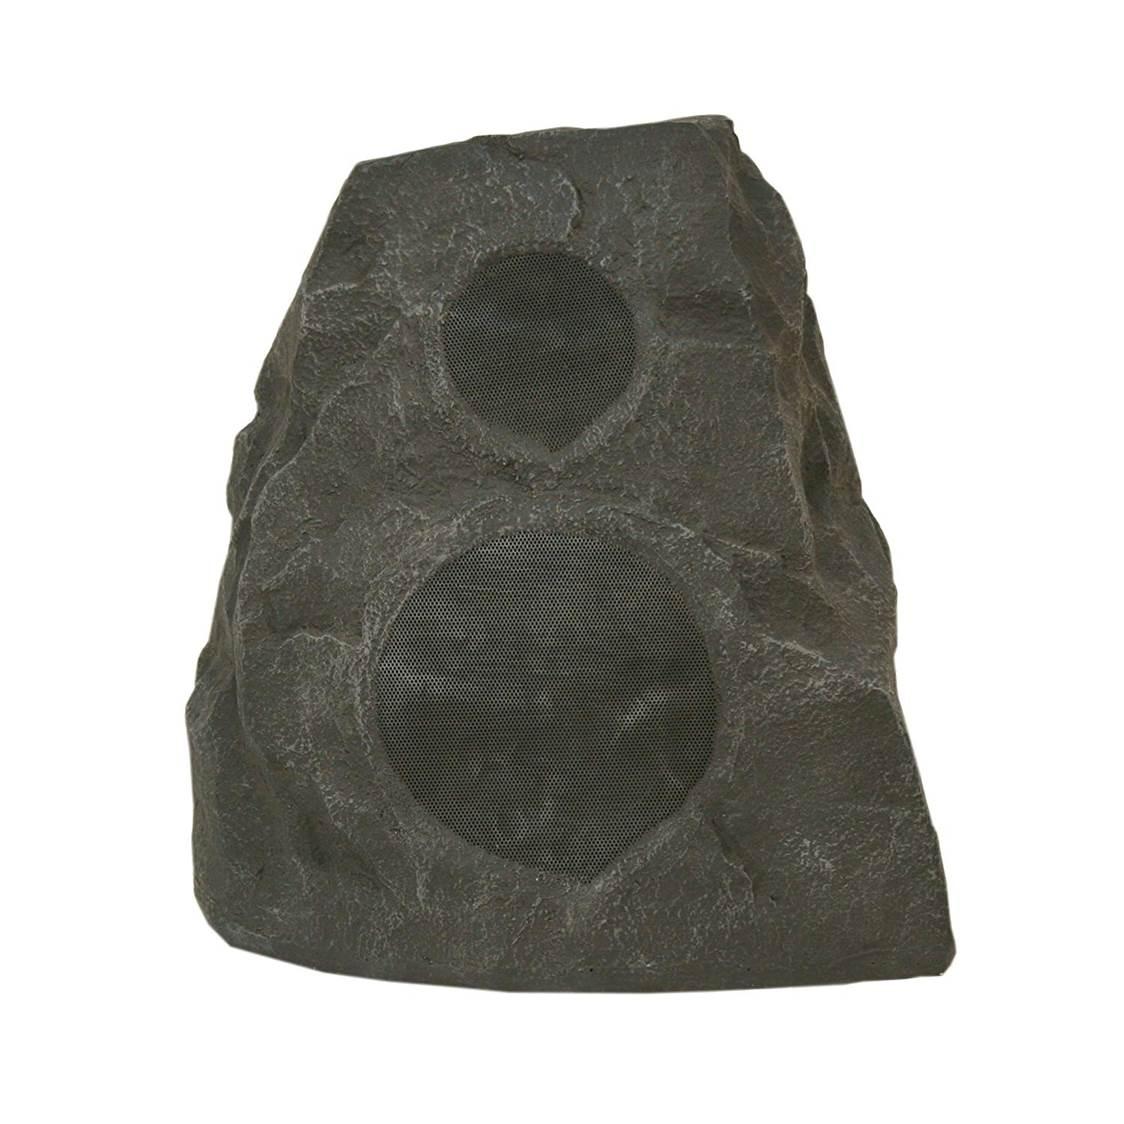 Klipsch AWR-650 Outdoor Rock Speakers